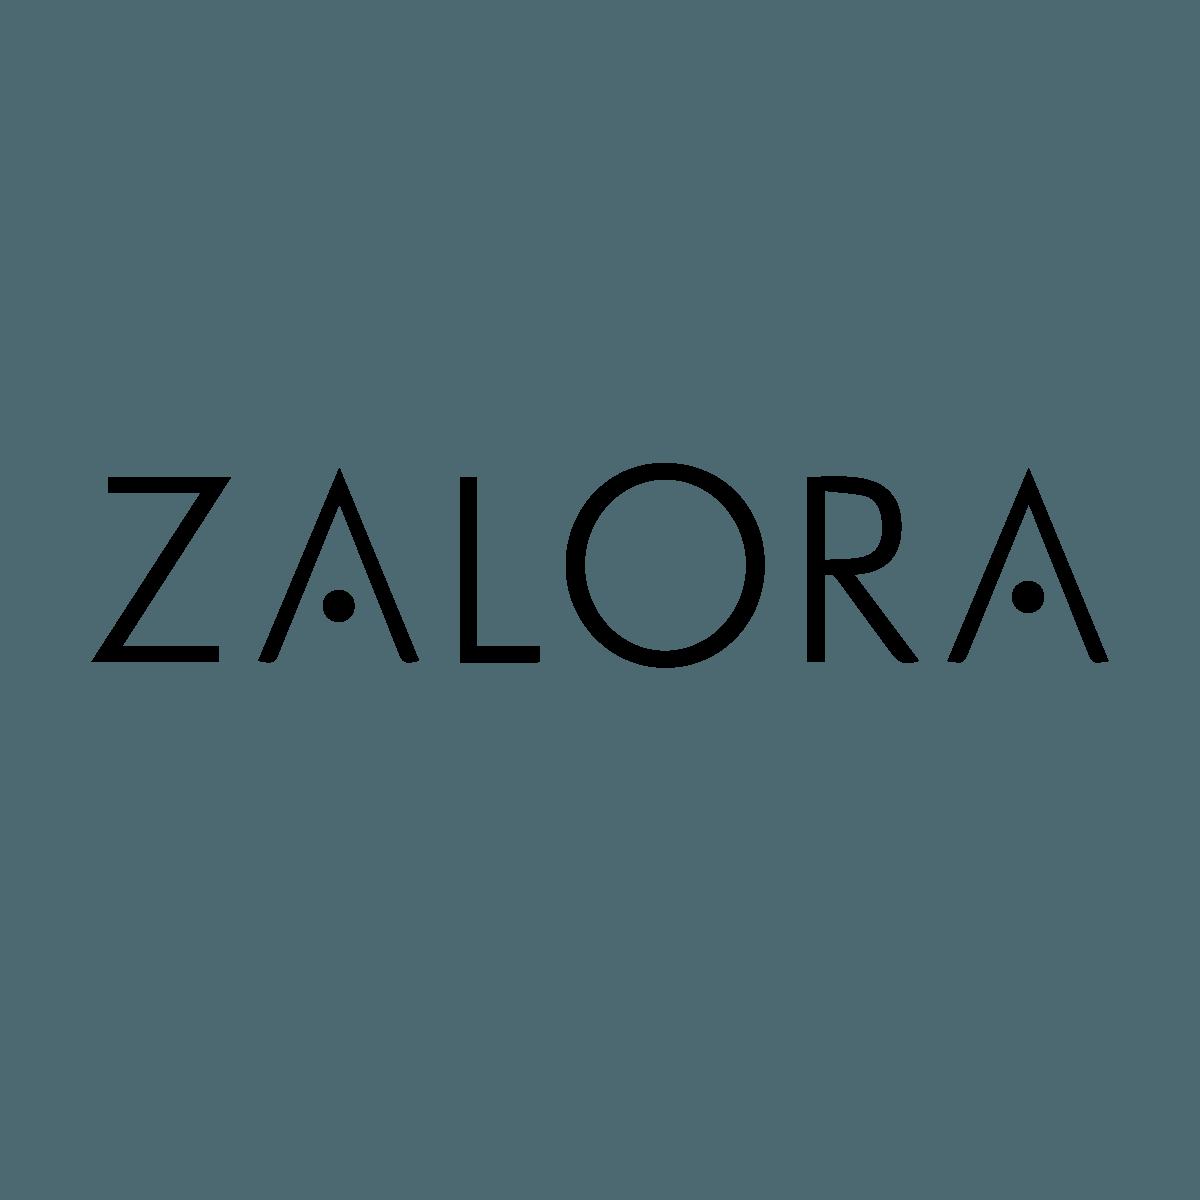 ส่วนลด Zalora (Looksi) พฤษภาคม 2017